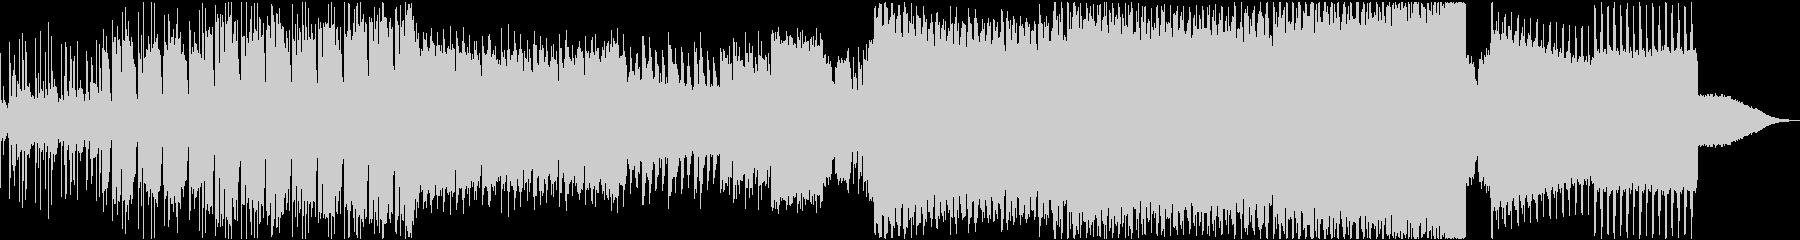 【EDM】アグレッシブ、パワーのある音の未再生の波形